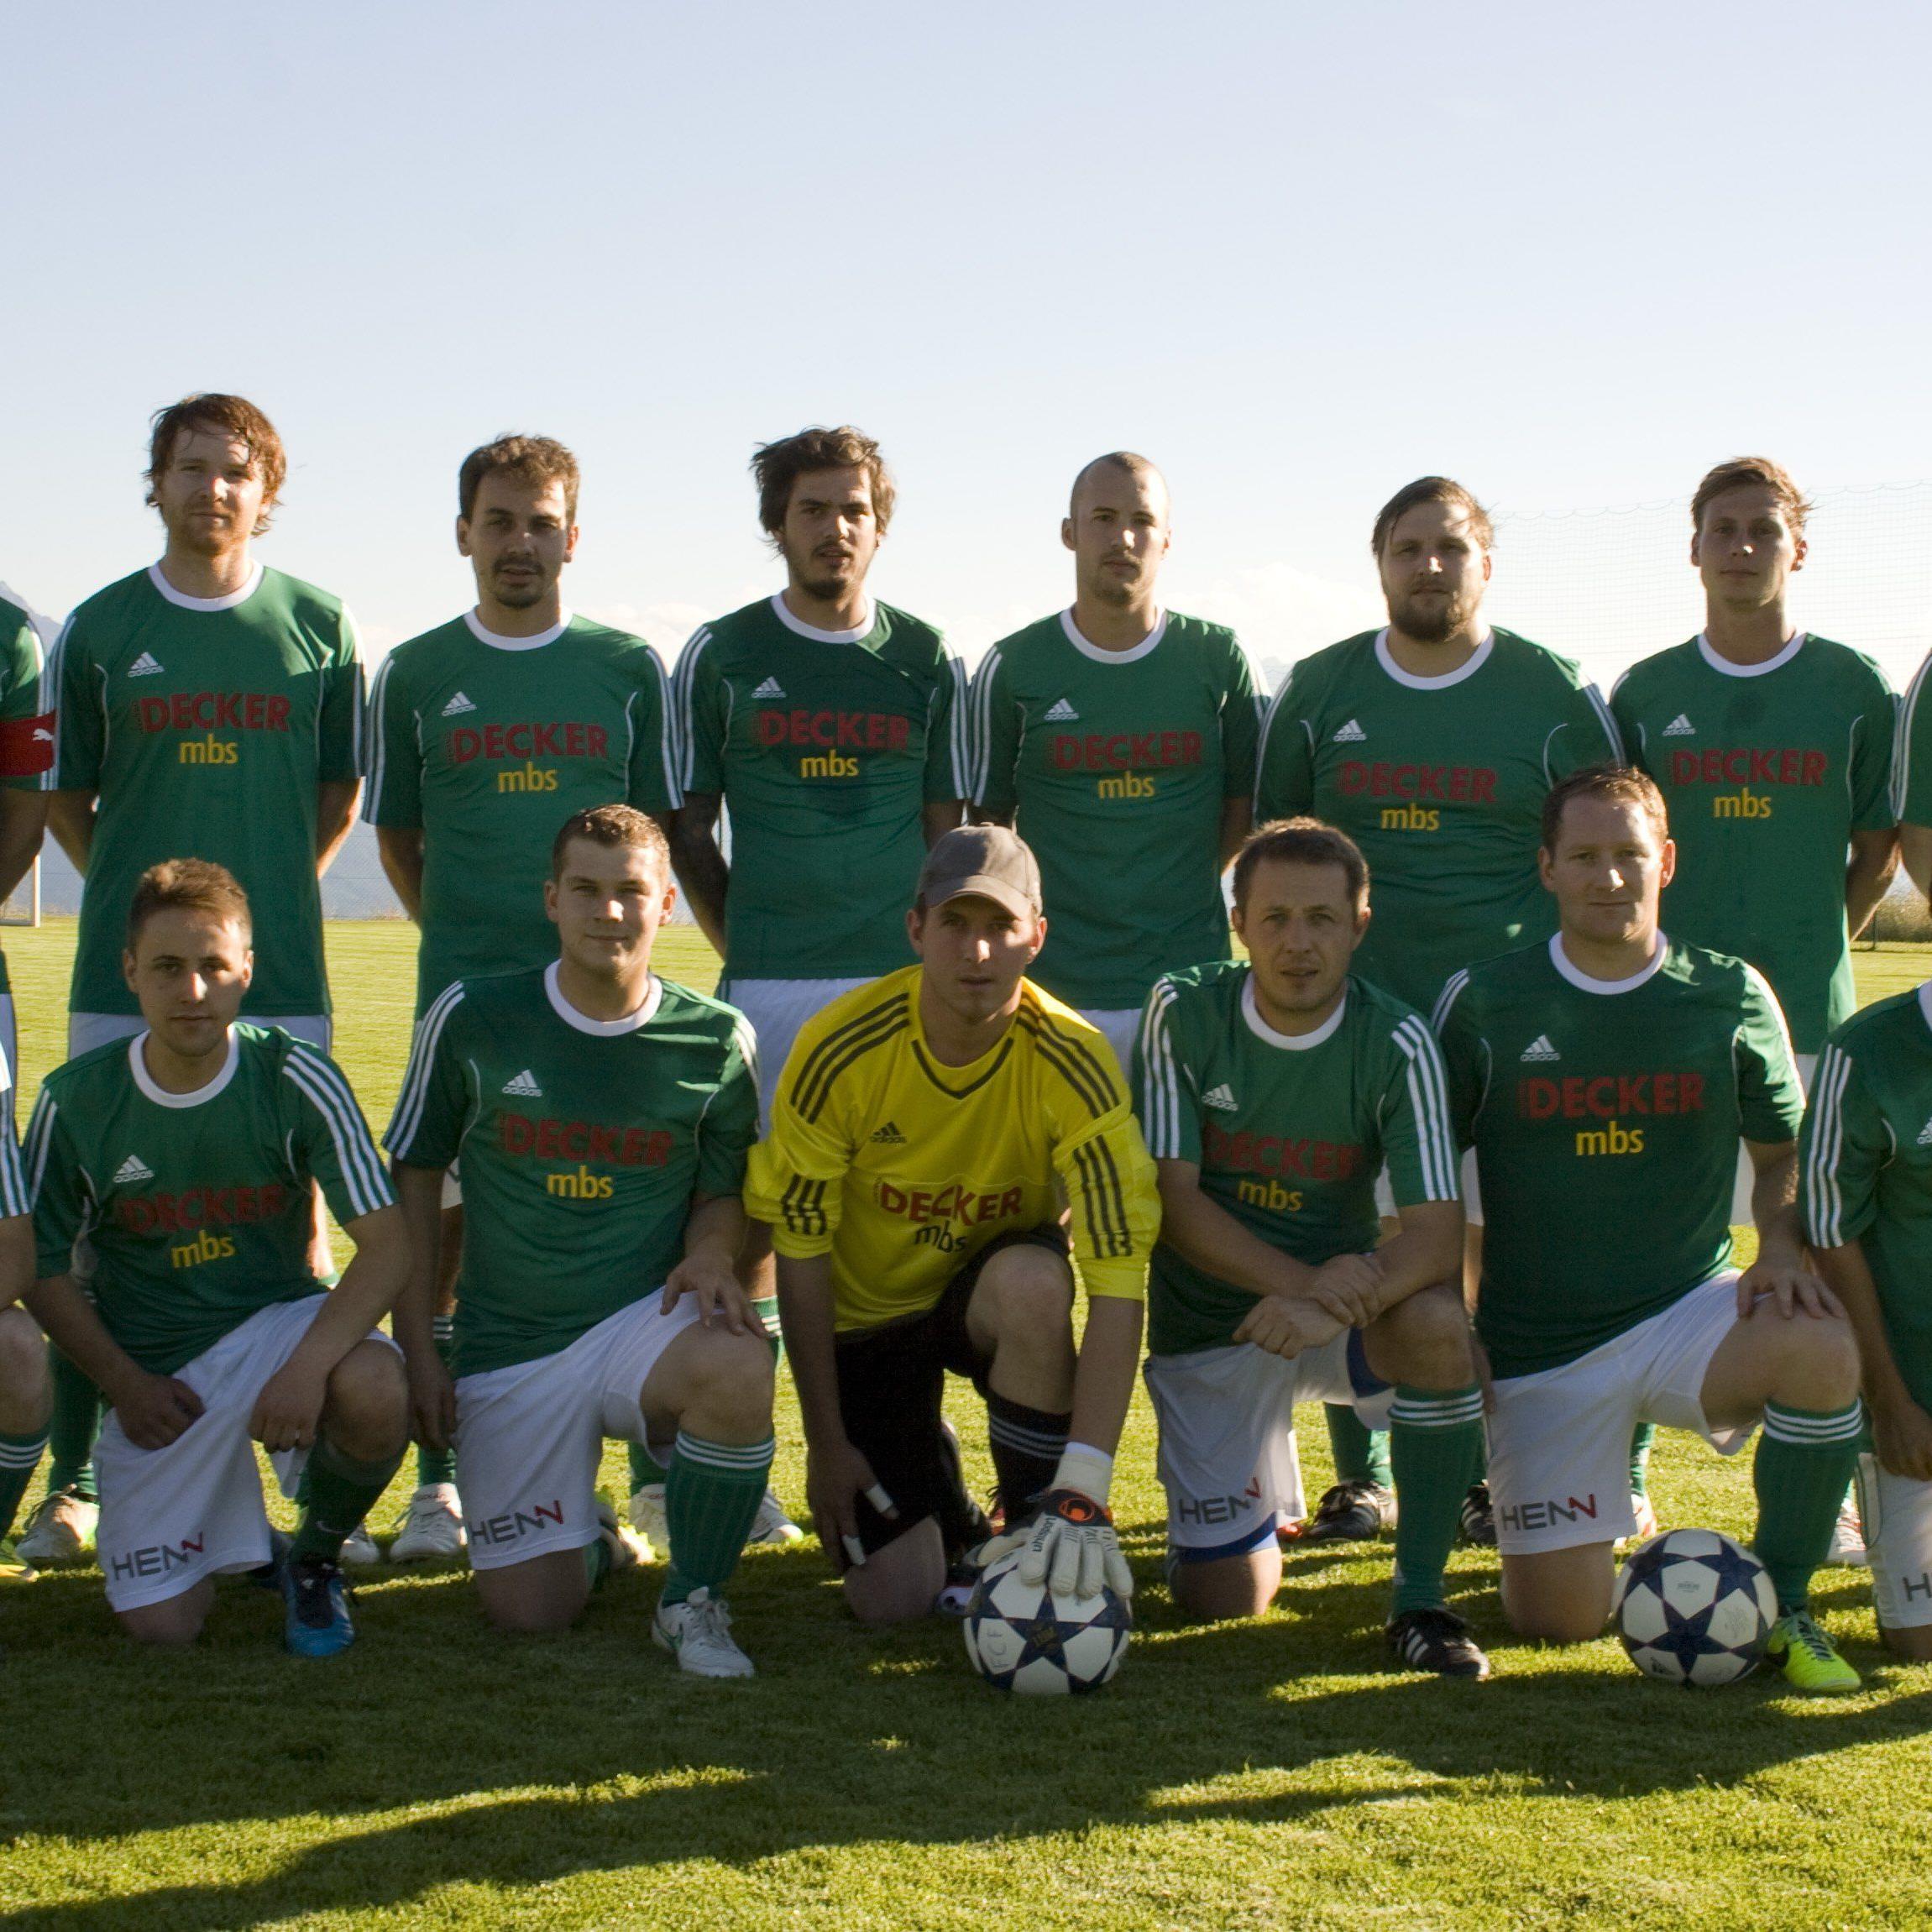 Der FC Fraxern bittet um zahlreiche Gäste zum Benefizfußball-Event am 1. August ab 15 Uhr bei der Fraxner Sportanlage Kapieters - bei jedem Wetter.